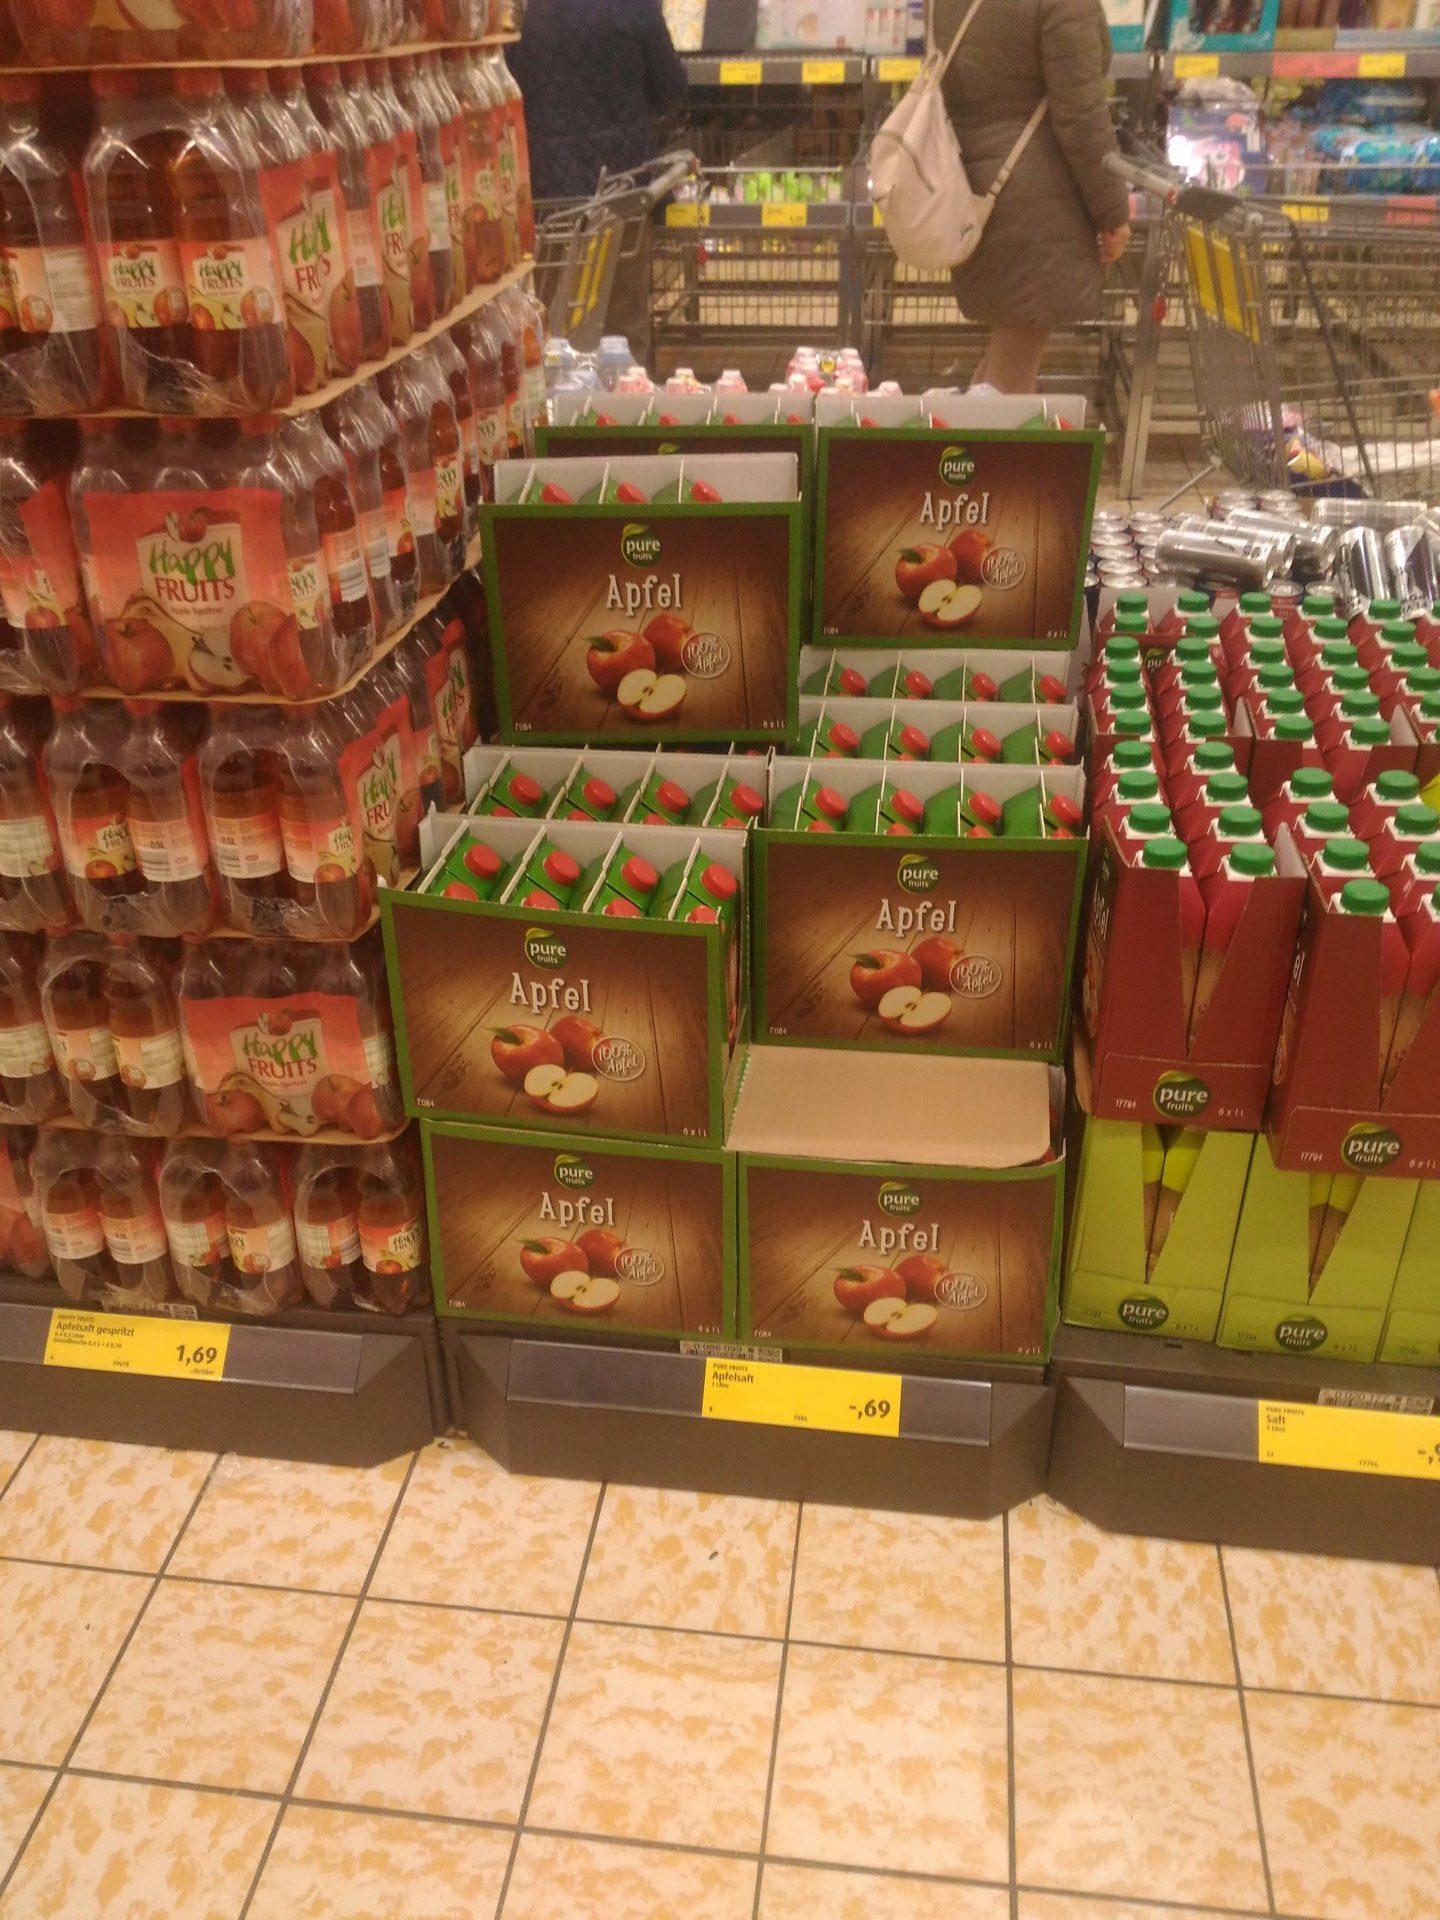 А яблочный сок — дешевле